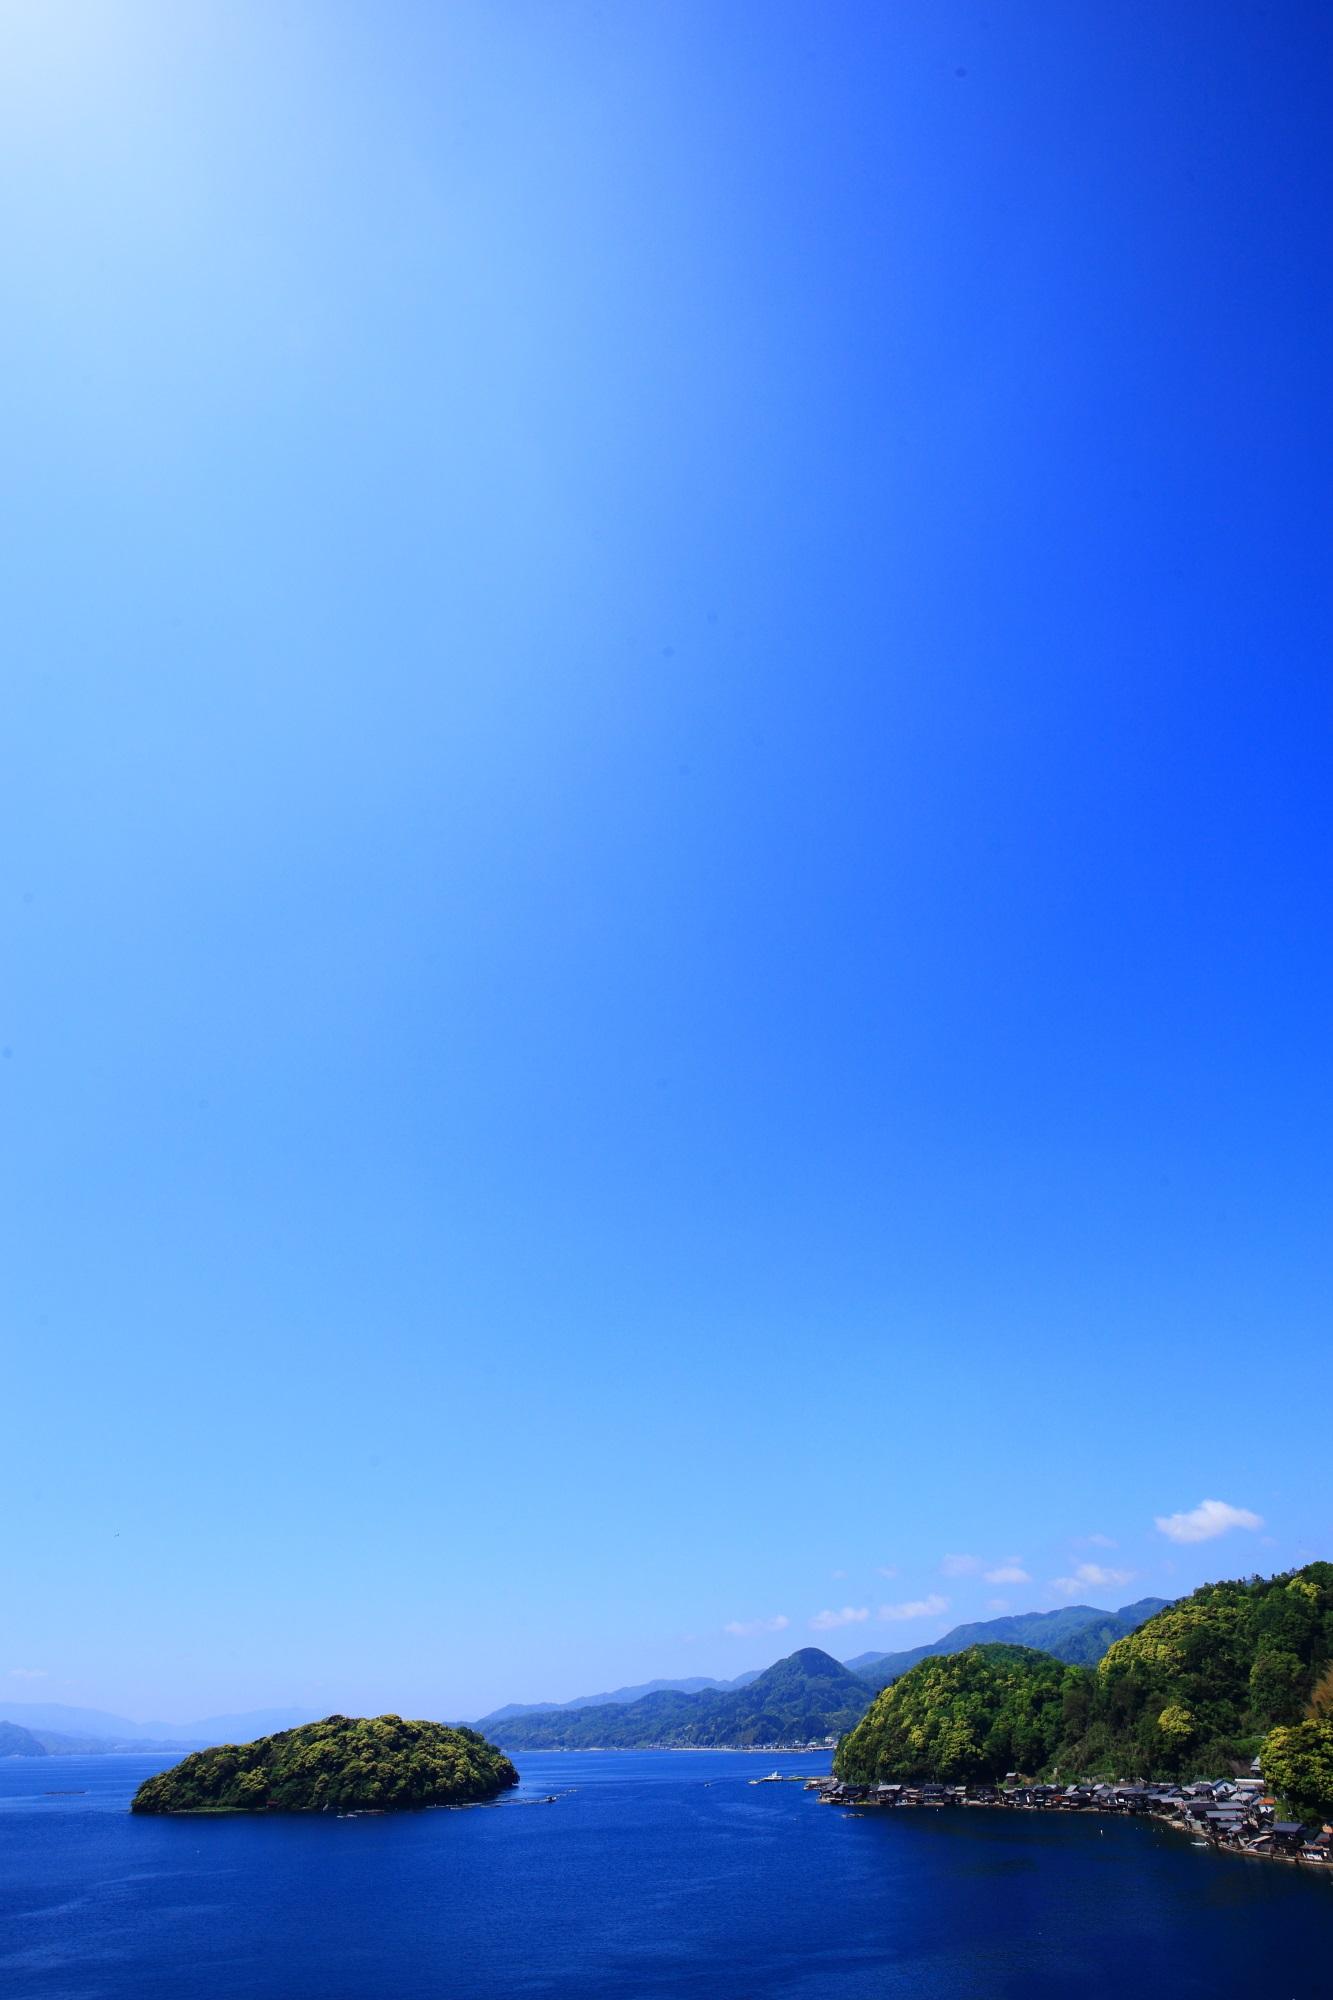 舟屋の里公園から眺める伊根湾の最高の青空と最高の青い海